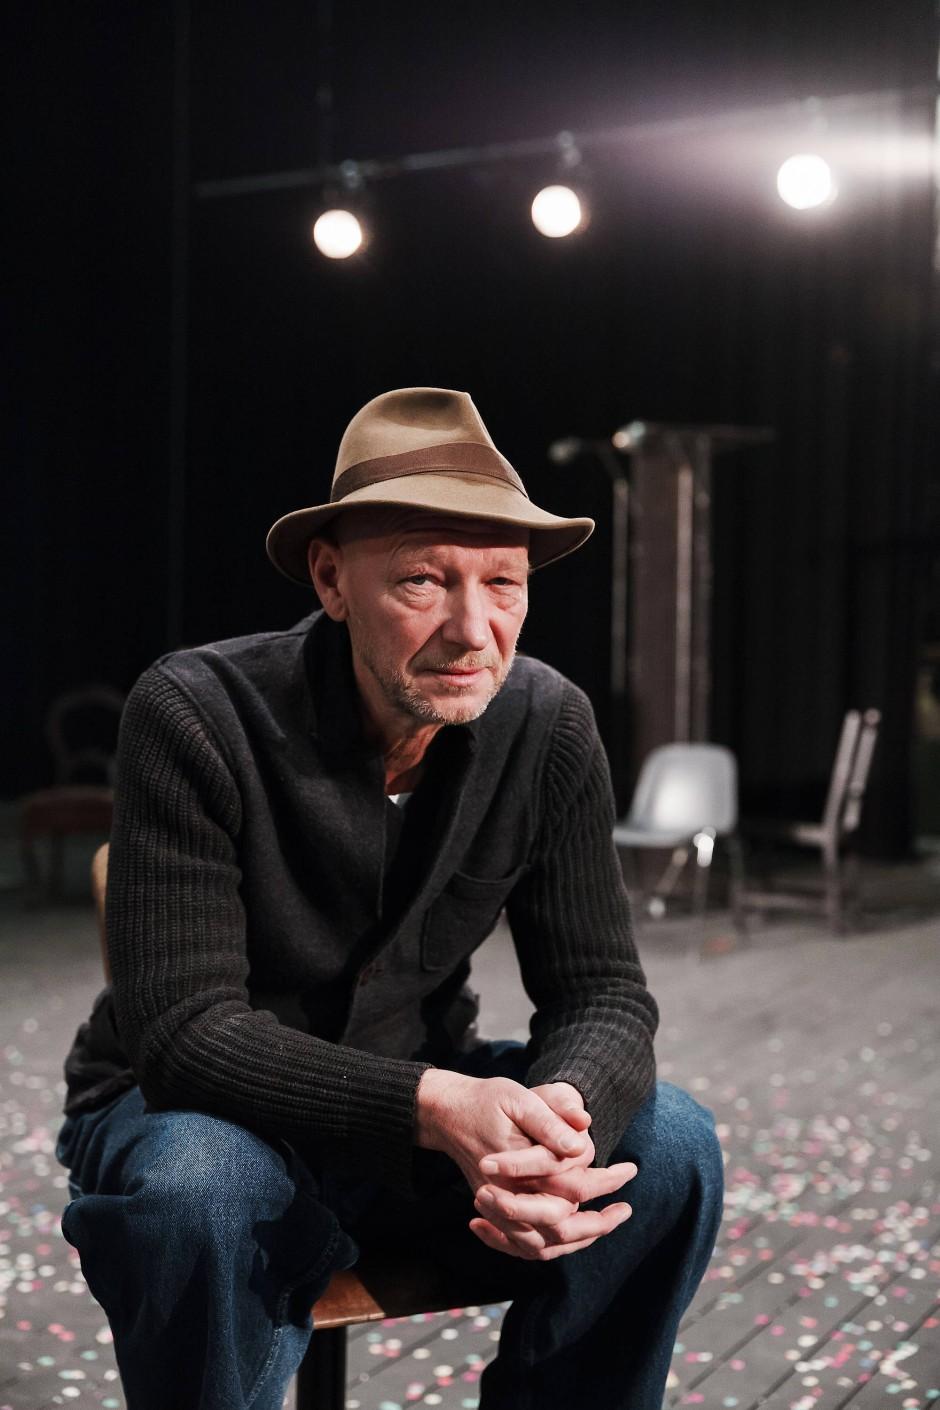 Luk Perceval wird am 30. Mai 60 Jahre alt. Der aus Belgien stammende Theatermacher ist seit 2009 leitender Regisseur des Hamburger Thalia-Theaters.